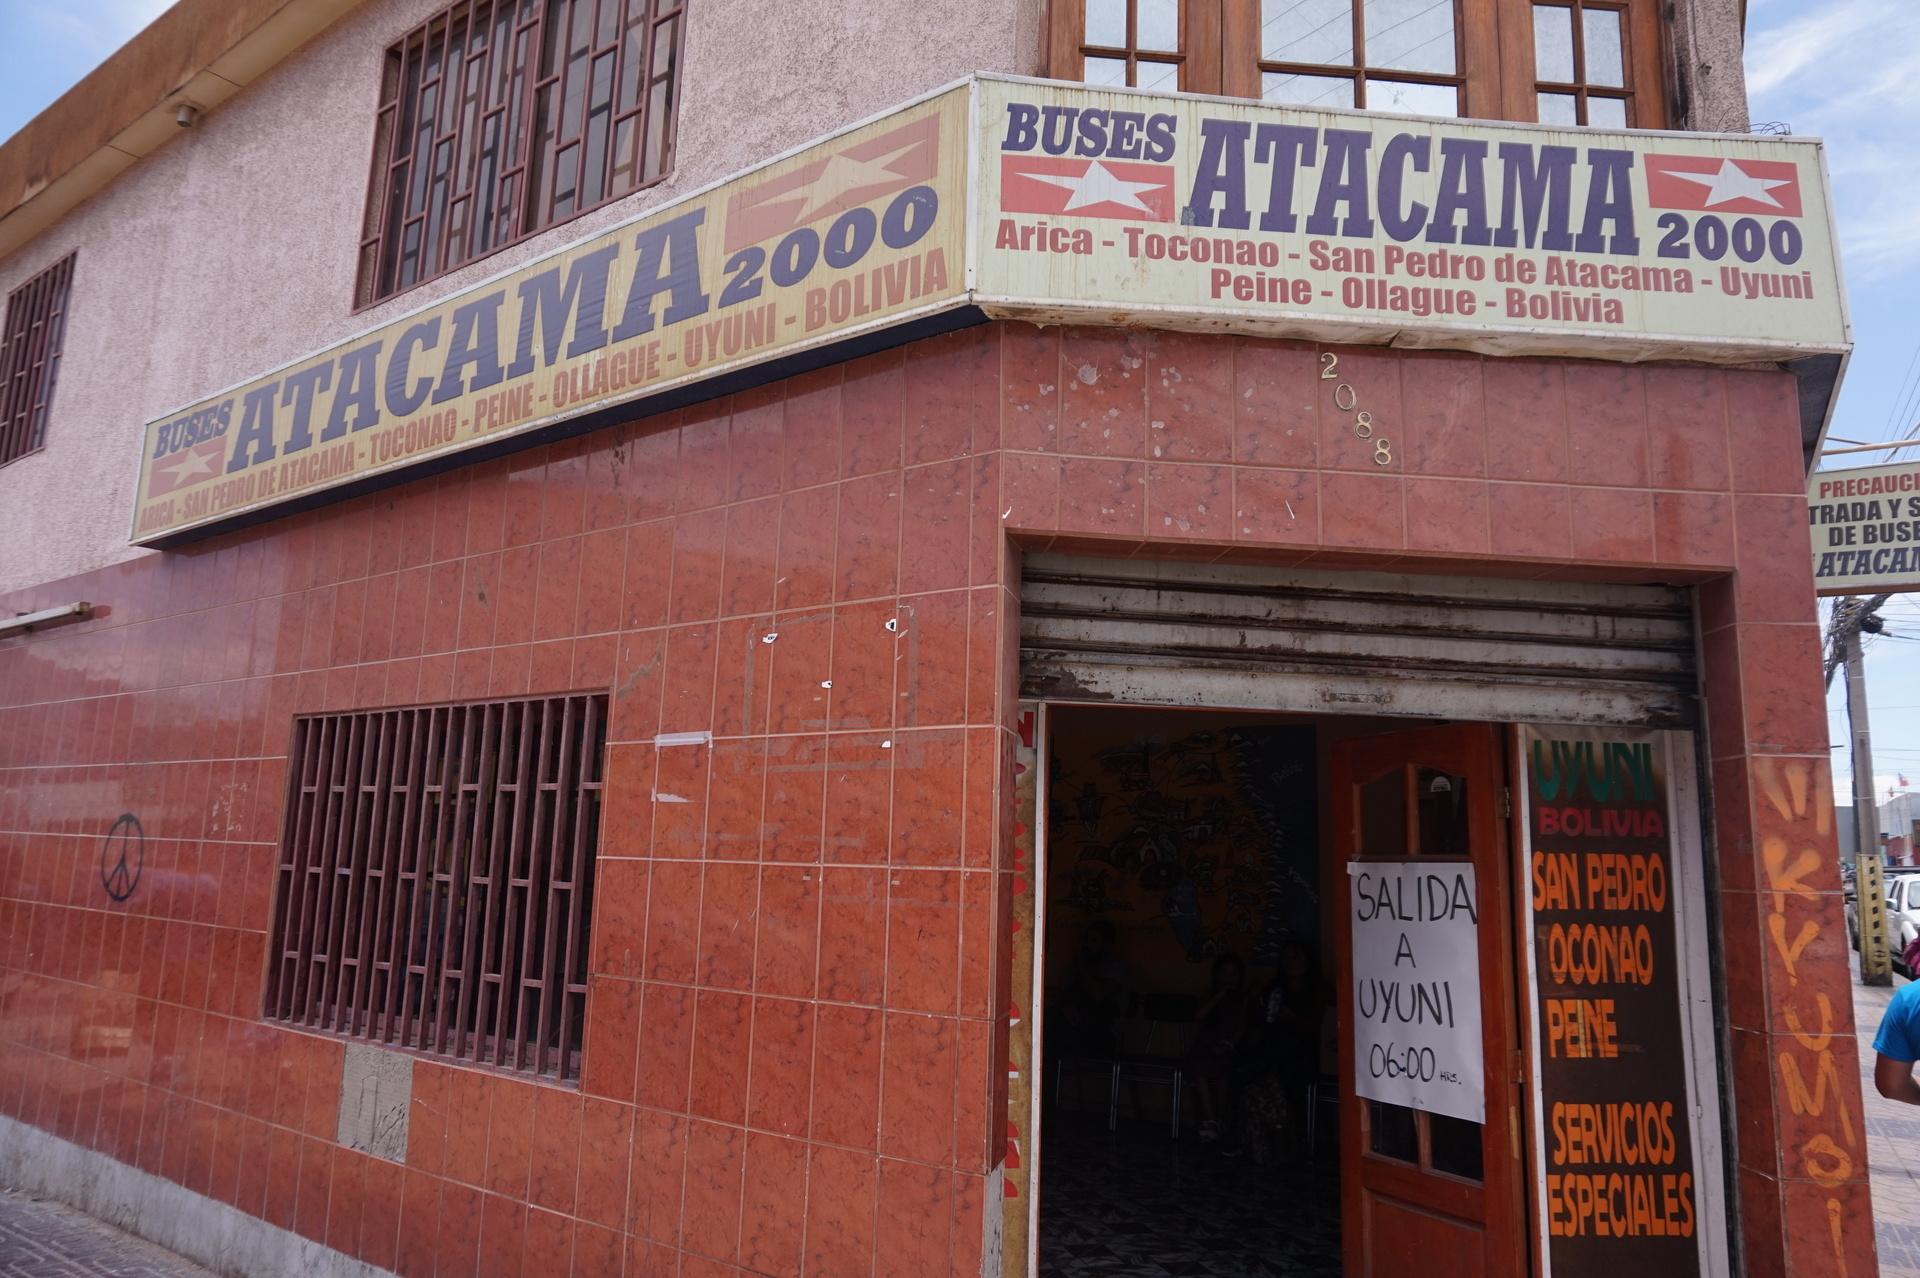 チリ ボリビア ウユニ旅行 カラマ Atacama2000